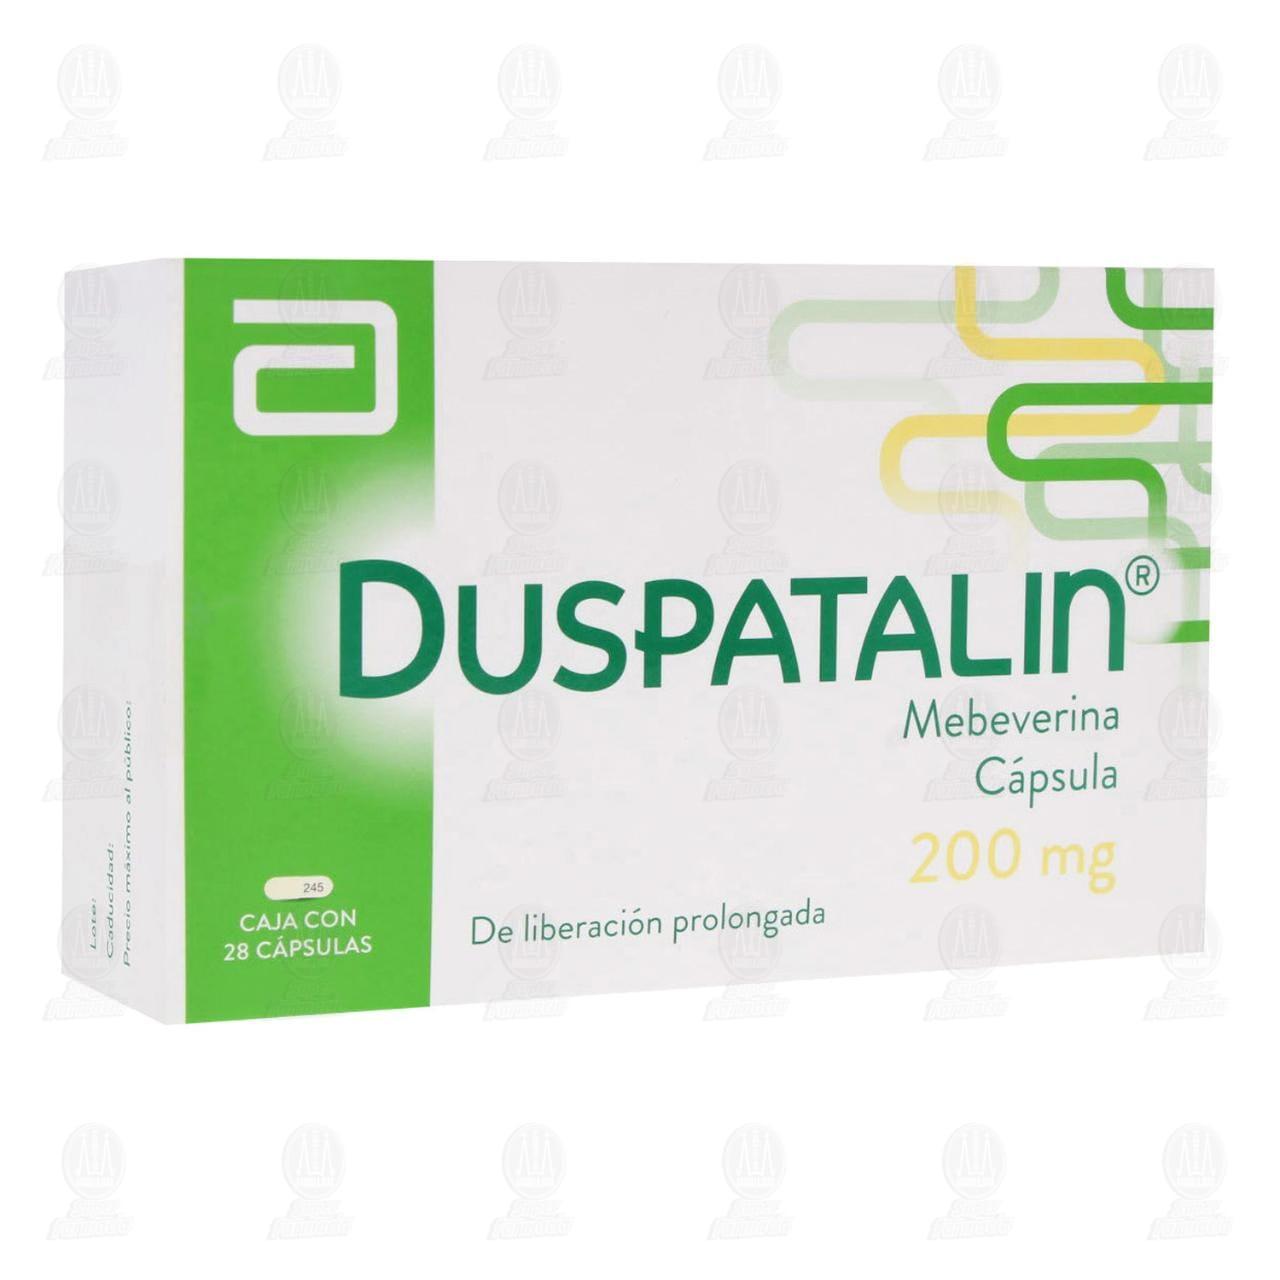 Comprar Duspatalin 200mg 28 Cápsulas en Farmacias Guadalajara